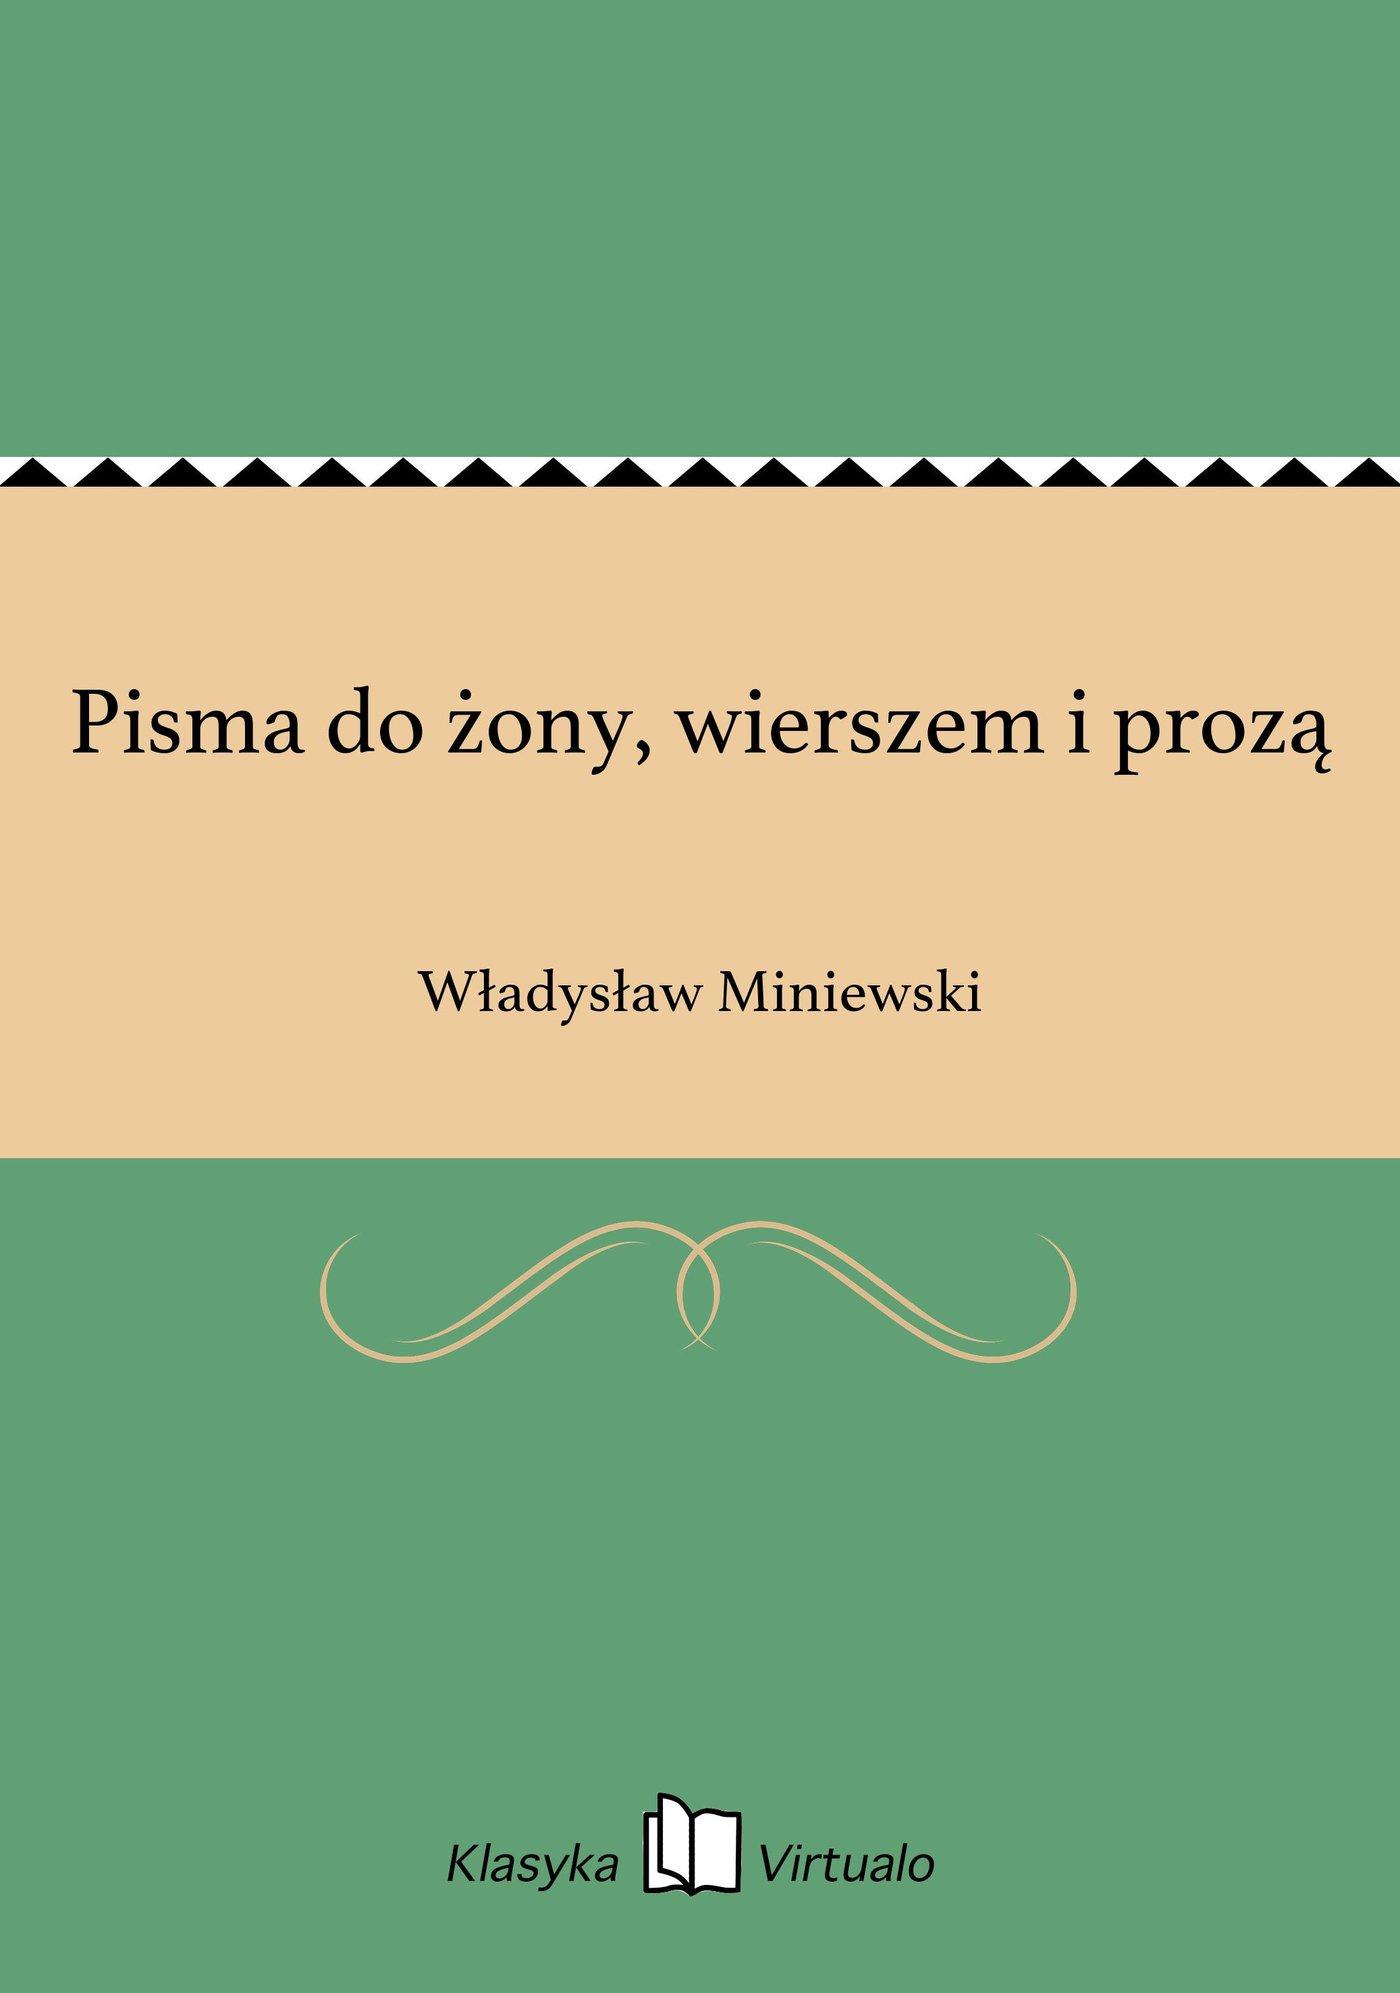 Pisma do żony, wierszem i prozą - Ebook (Książka EPUB) do pobrania w formacie EPUB